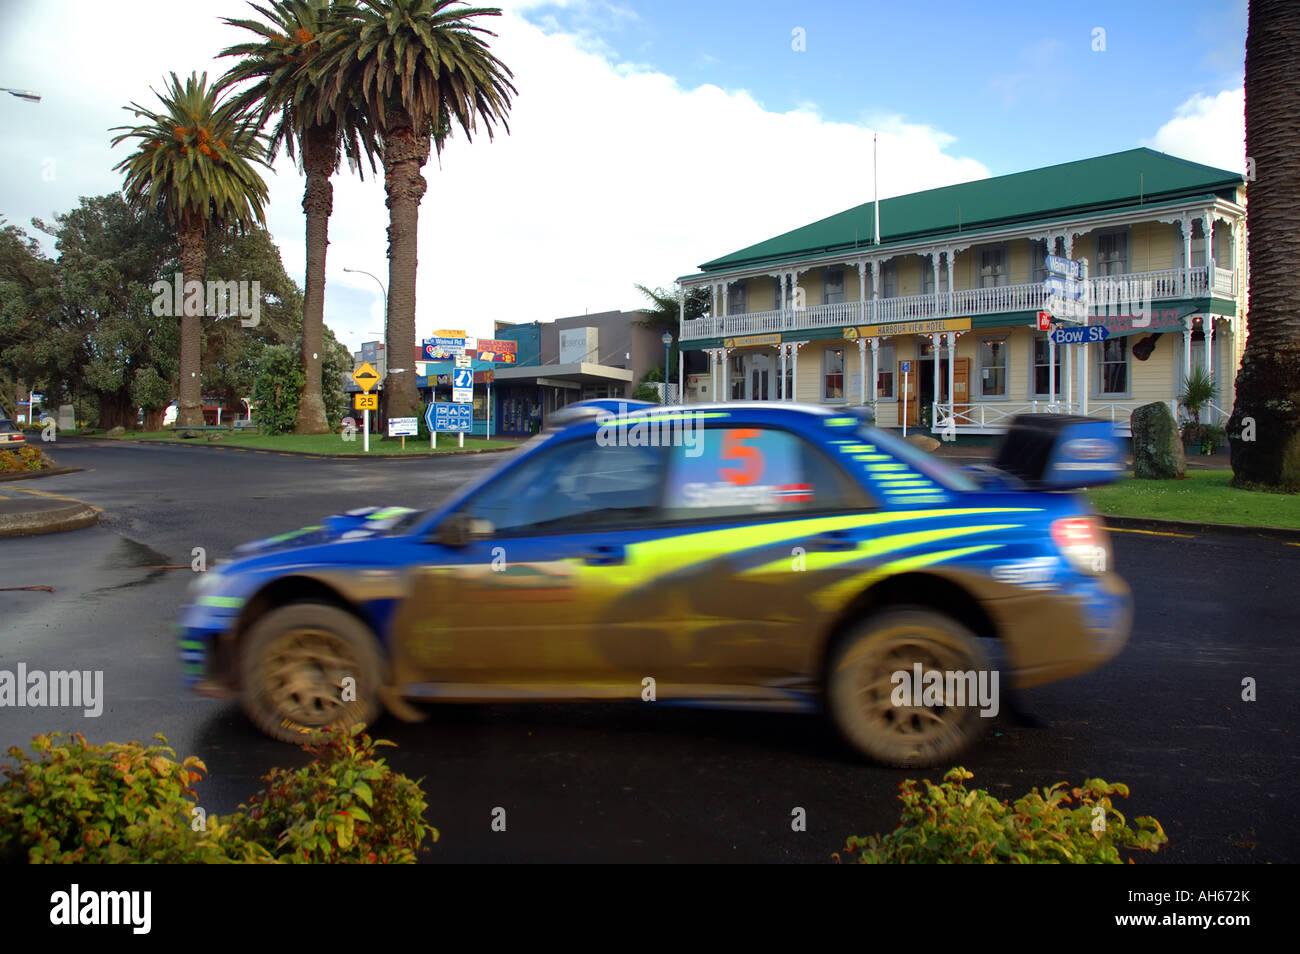 Petter Solberg Mudspattered Subaru Rallye Auto Streifen durch verschlafenen Küstenstadt Stadt Raglan während Stockbild